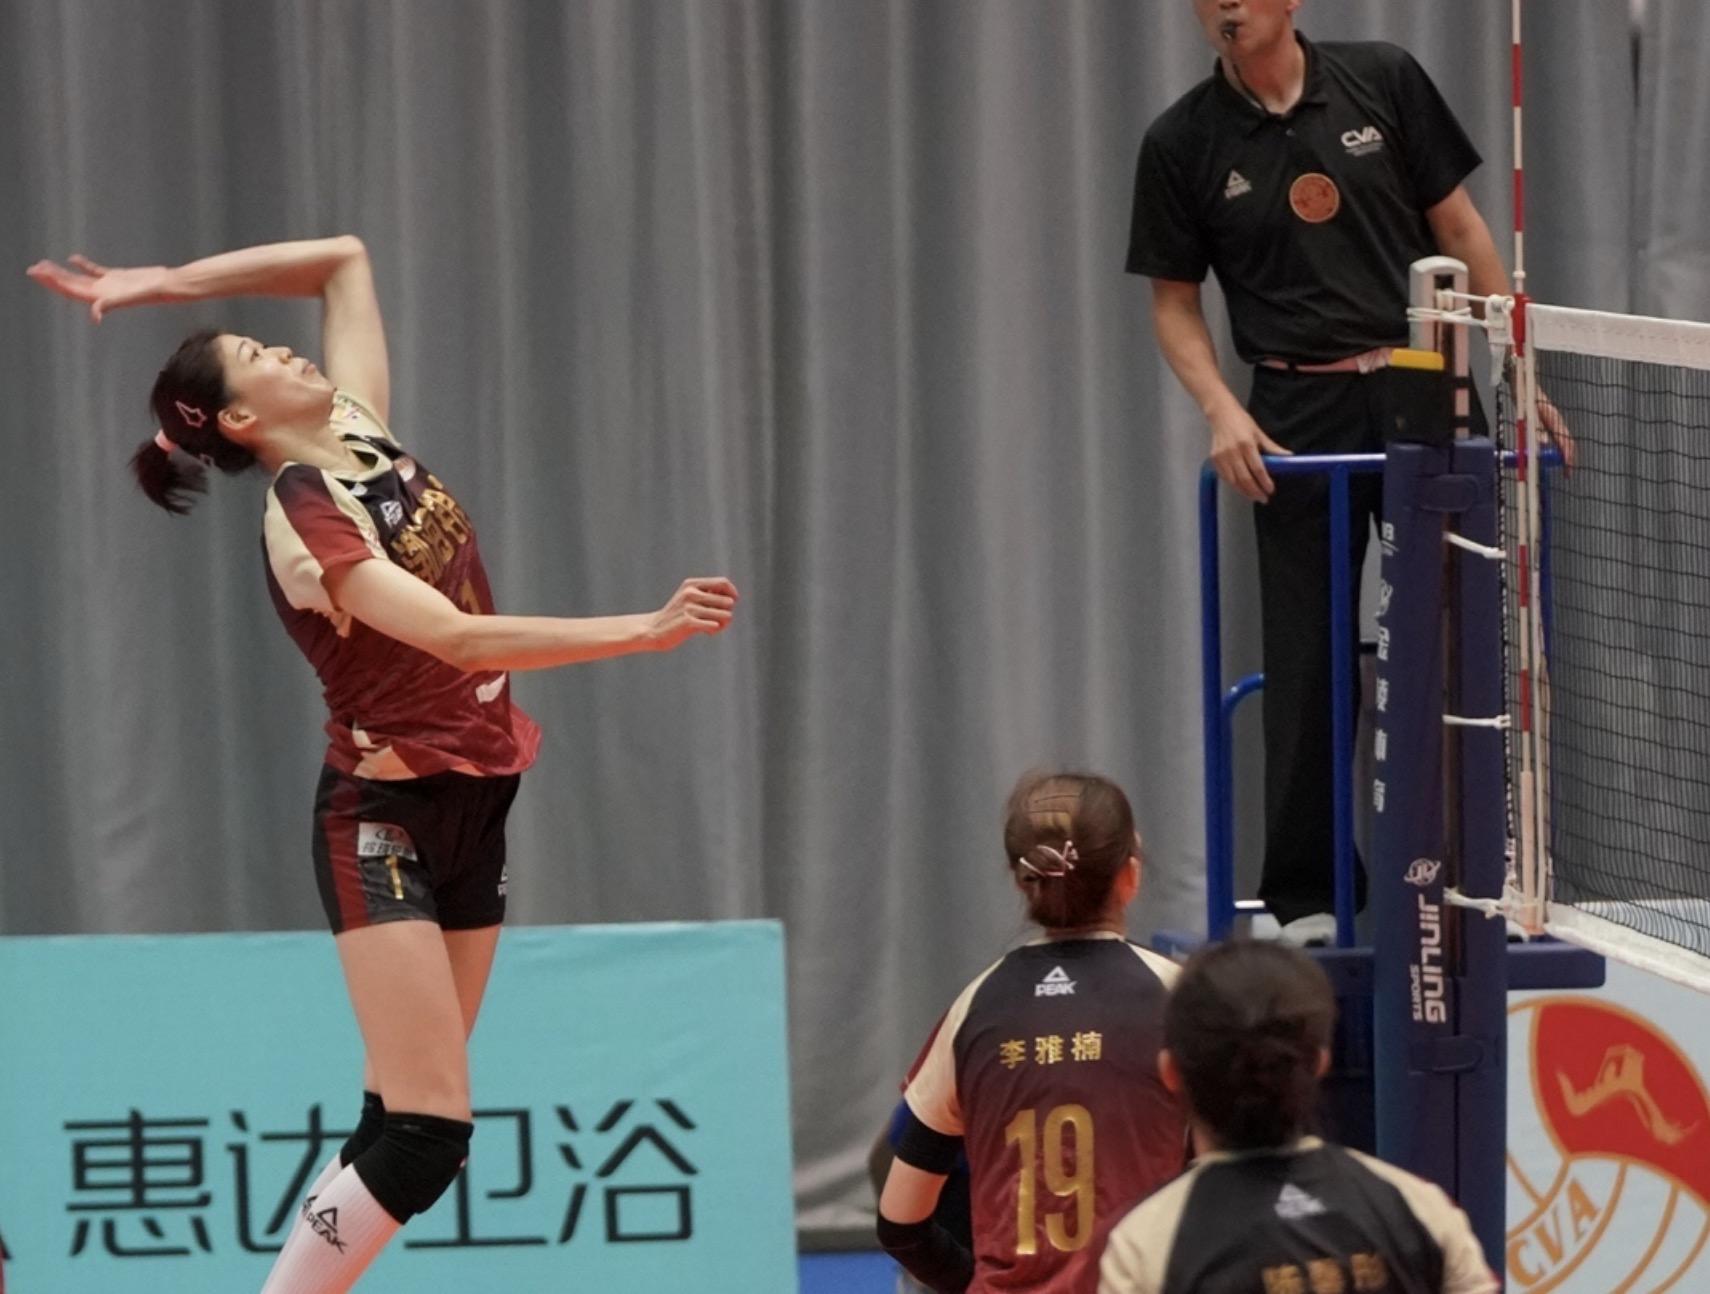 天津女排将面临争冠的直接竞争对手上海女排